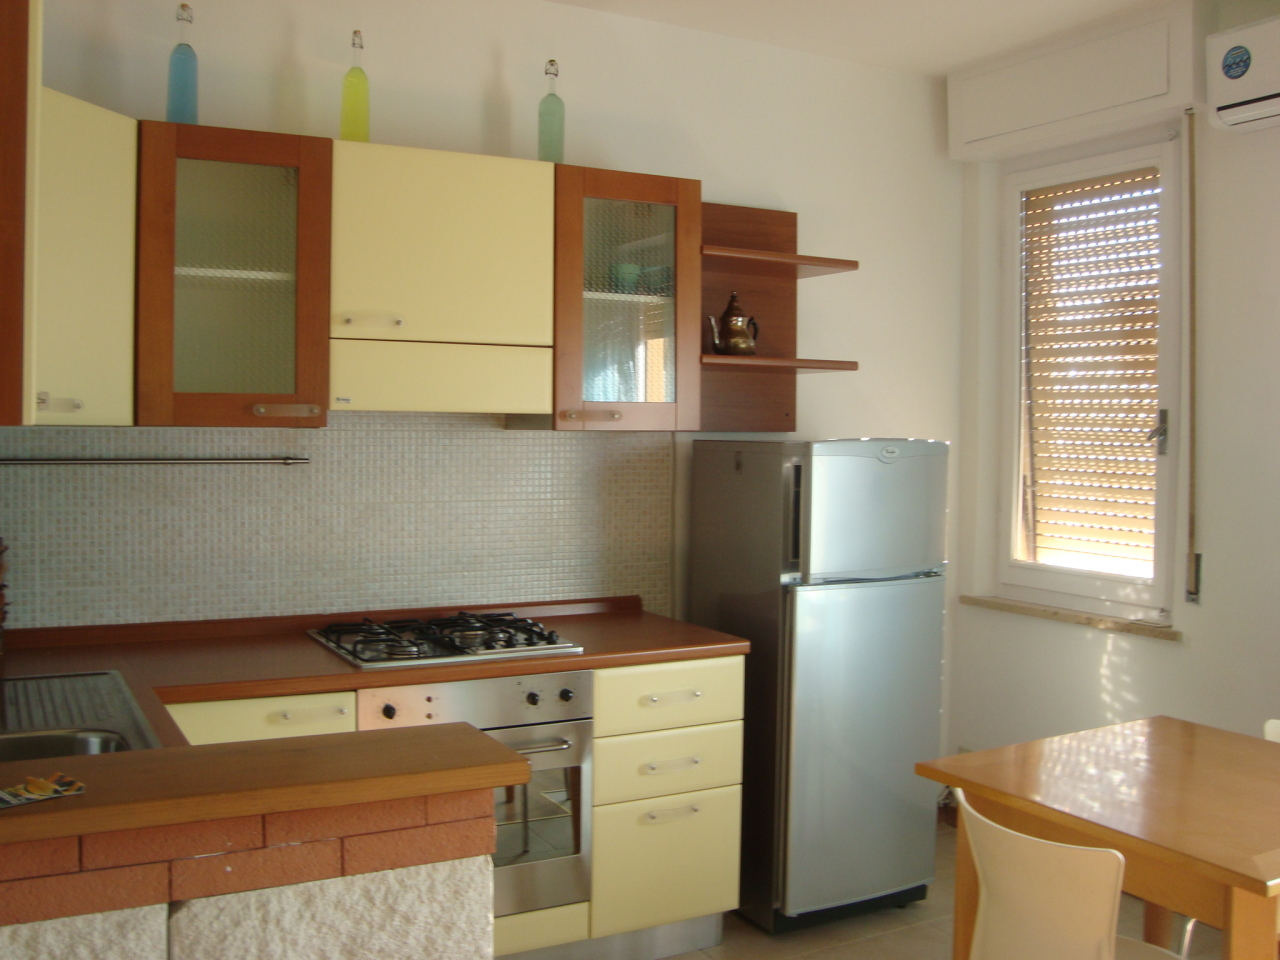 Appartamento in affitto a Jesi, 2 locali, prezzo € 350 | Cambio Casa.it